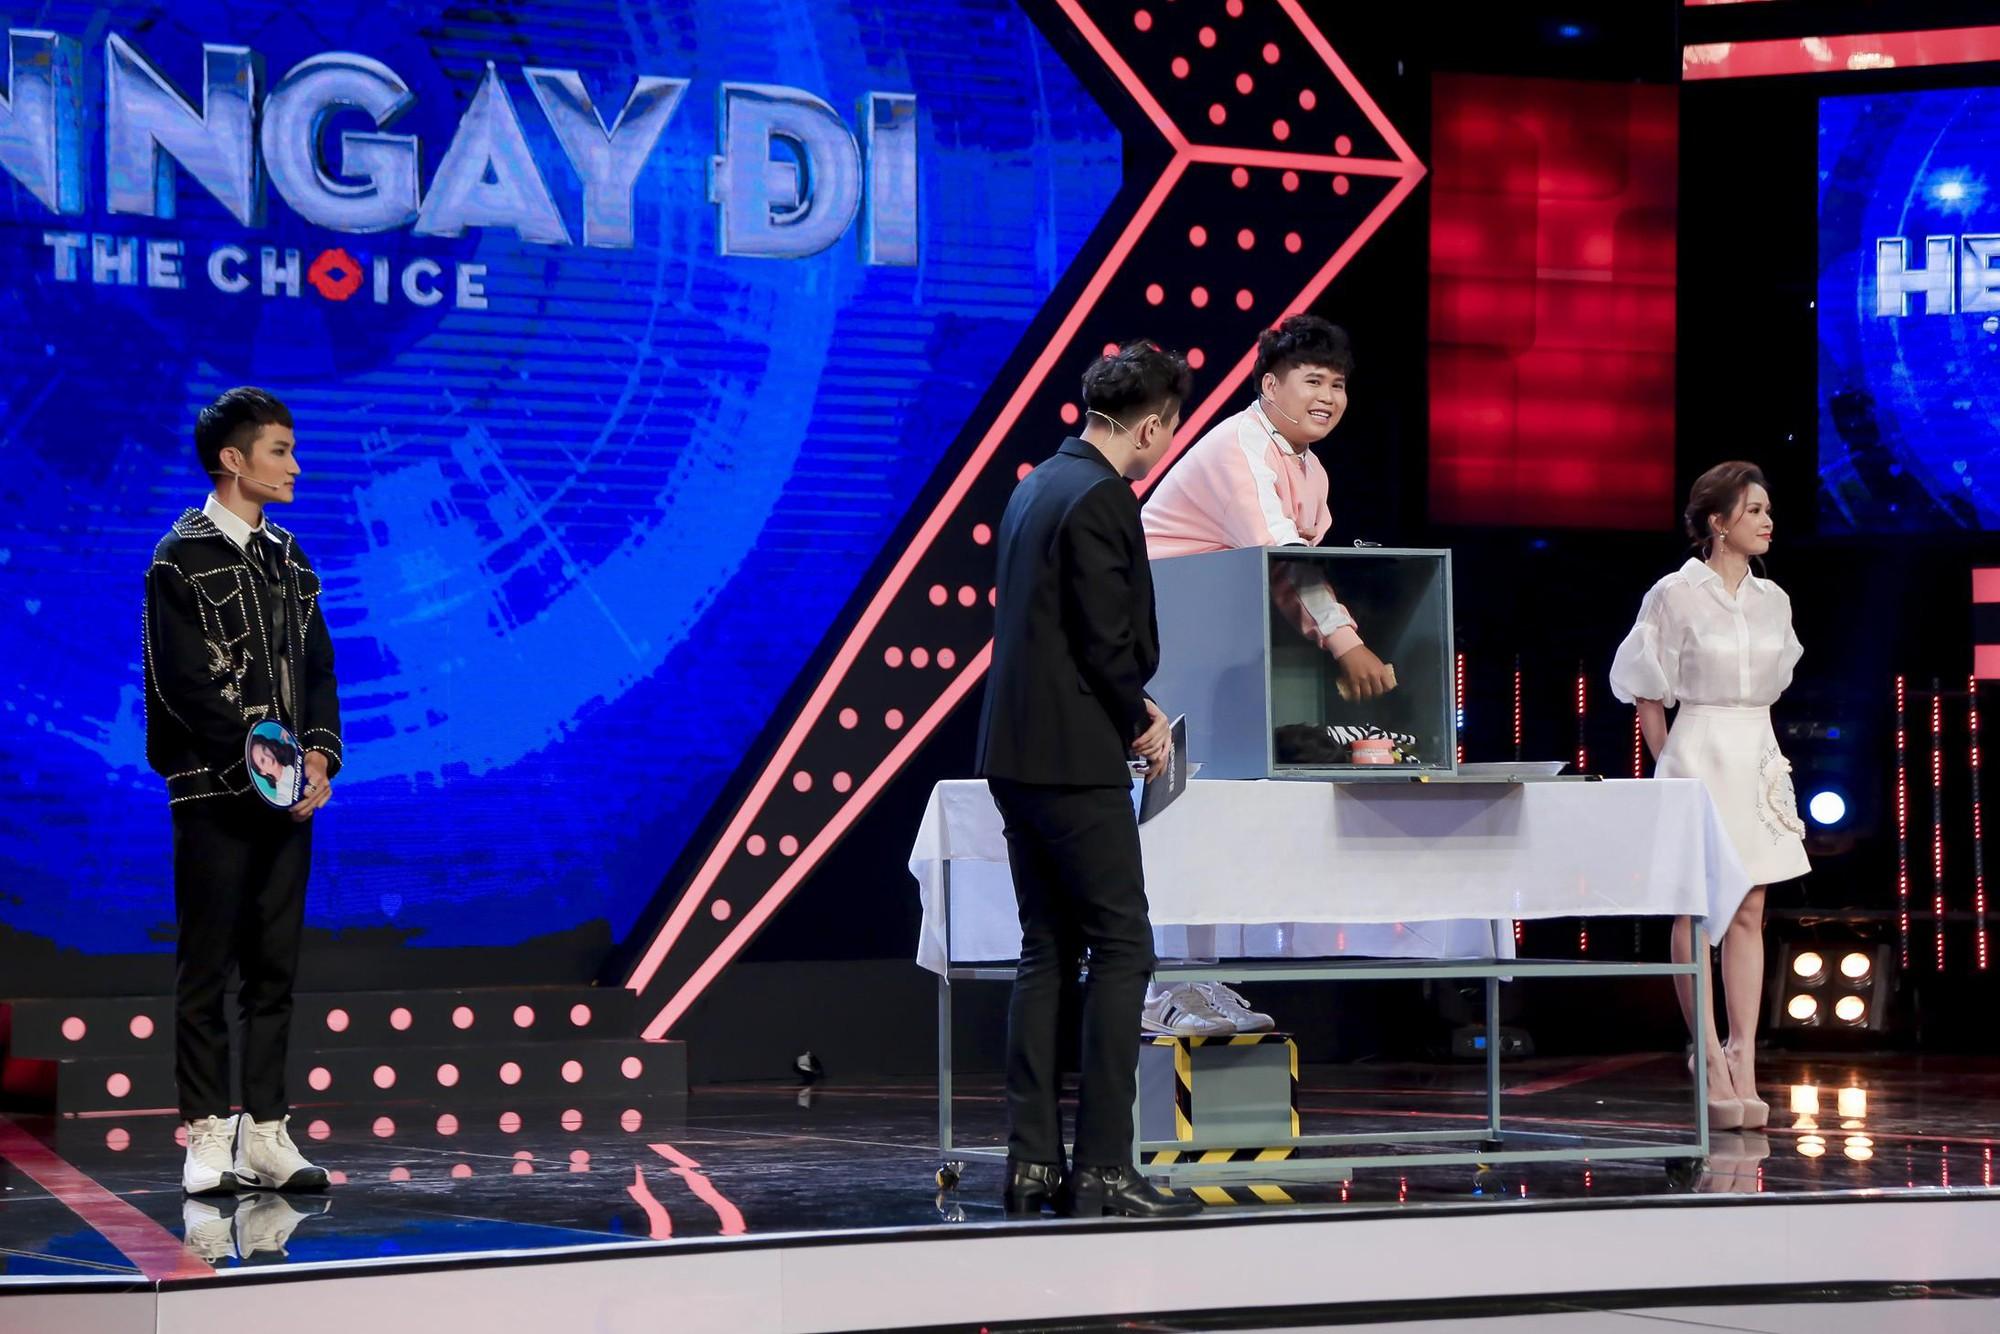 Hẹn ngay đi: Quỳnh Anh Shyn thả thính quá đà nhưng vẫn bị ứng viên phũ nhiệt tình - Ảnh 8.